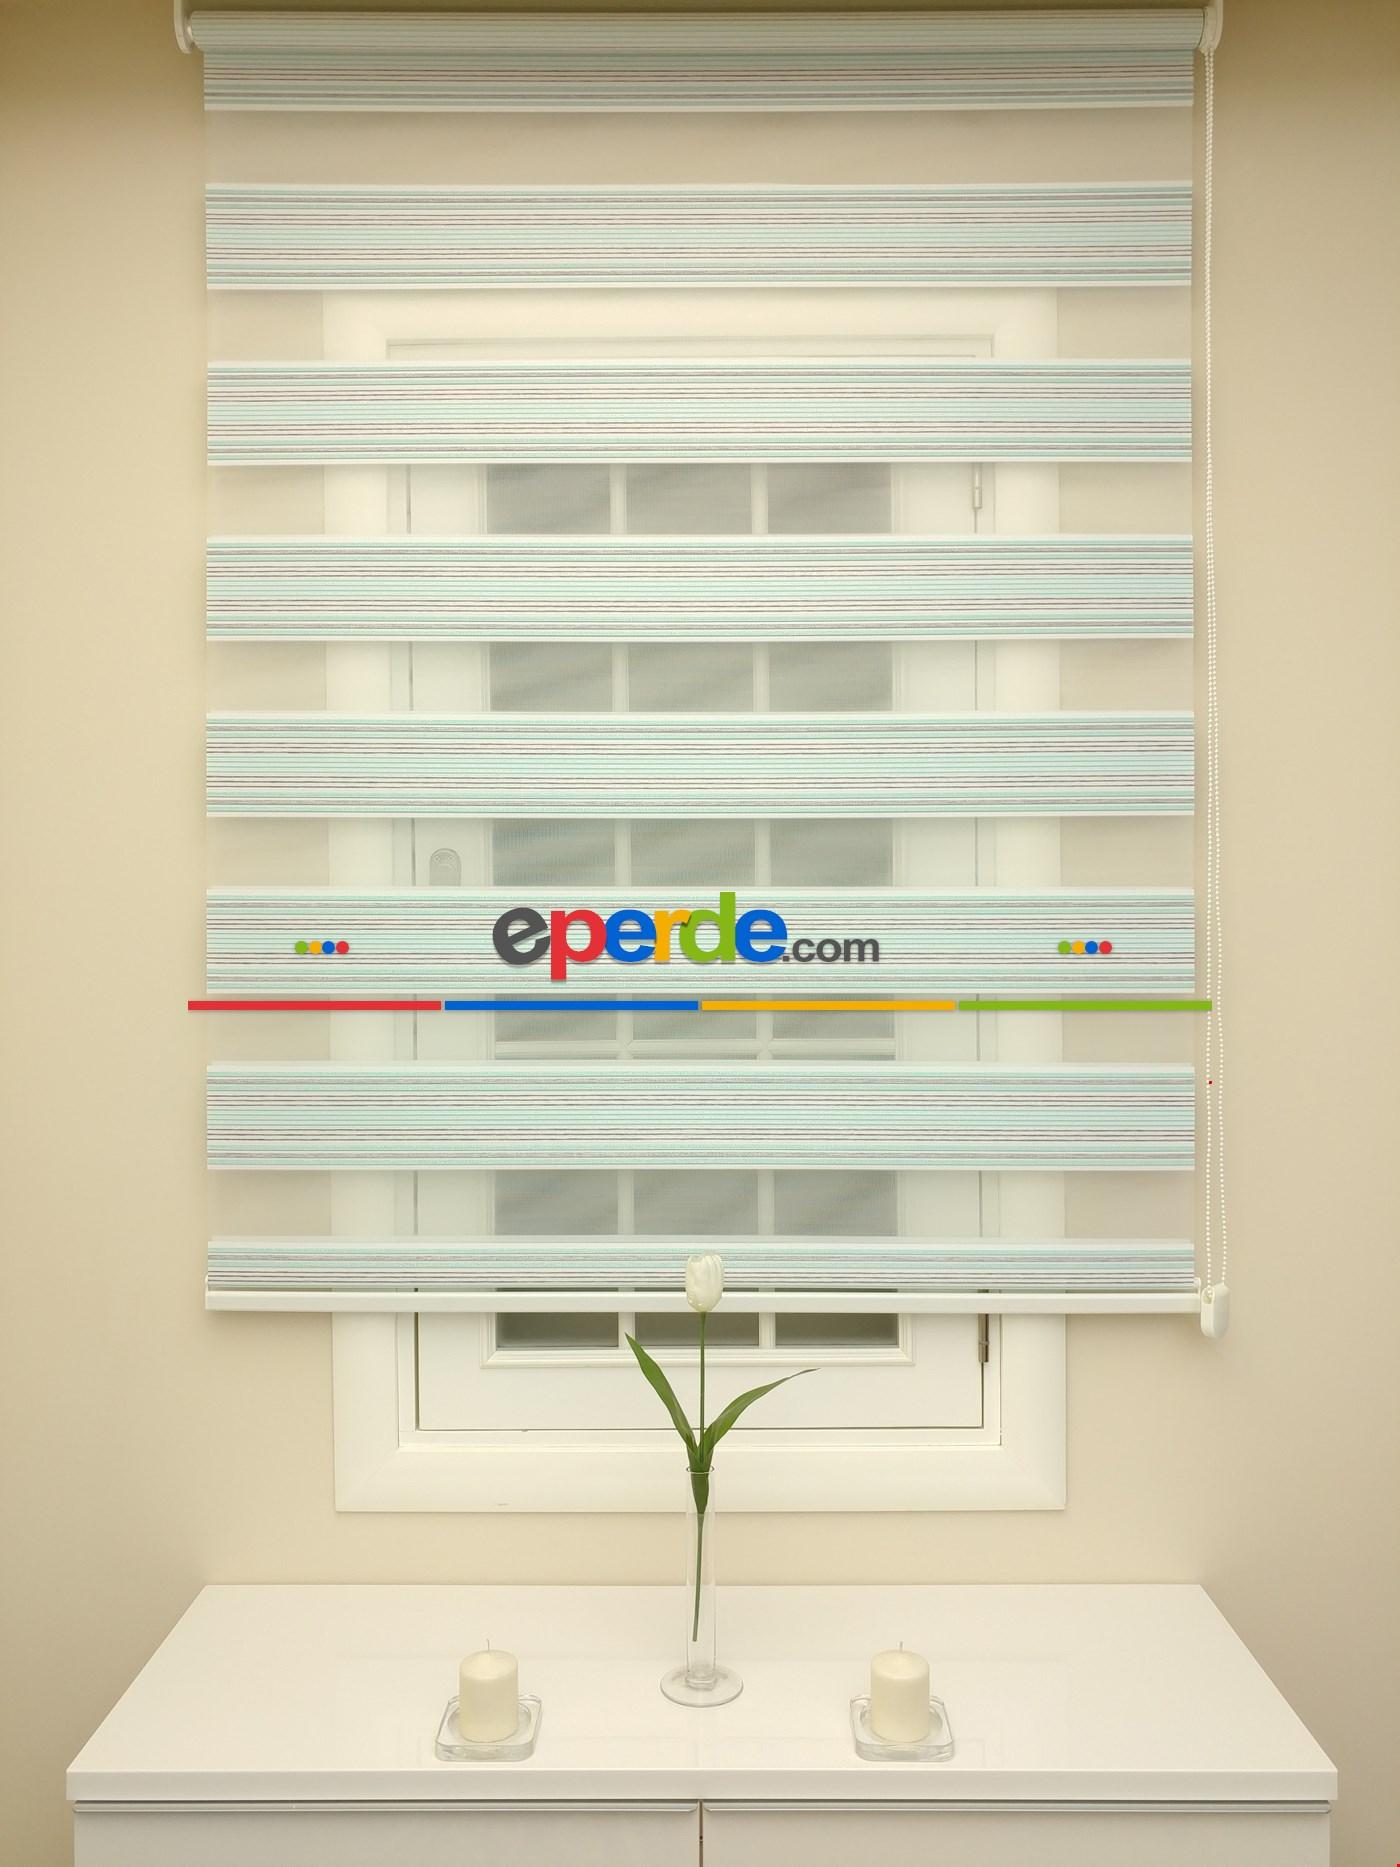 Zebra Perde - Alin Pembe-gri Renk Simli Üst Alt Pileli (kalın Zeminli) Turkuaz Yeşili Ara Renk